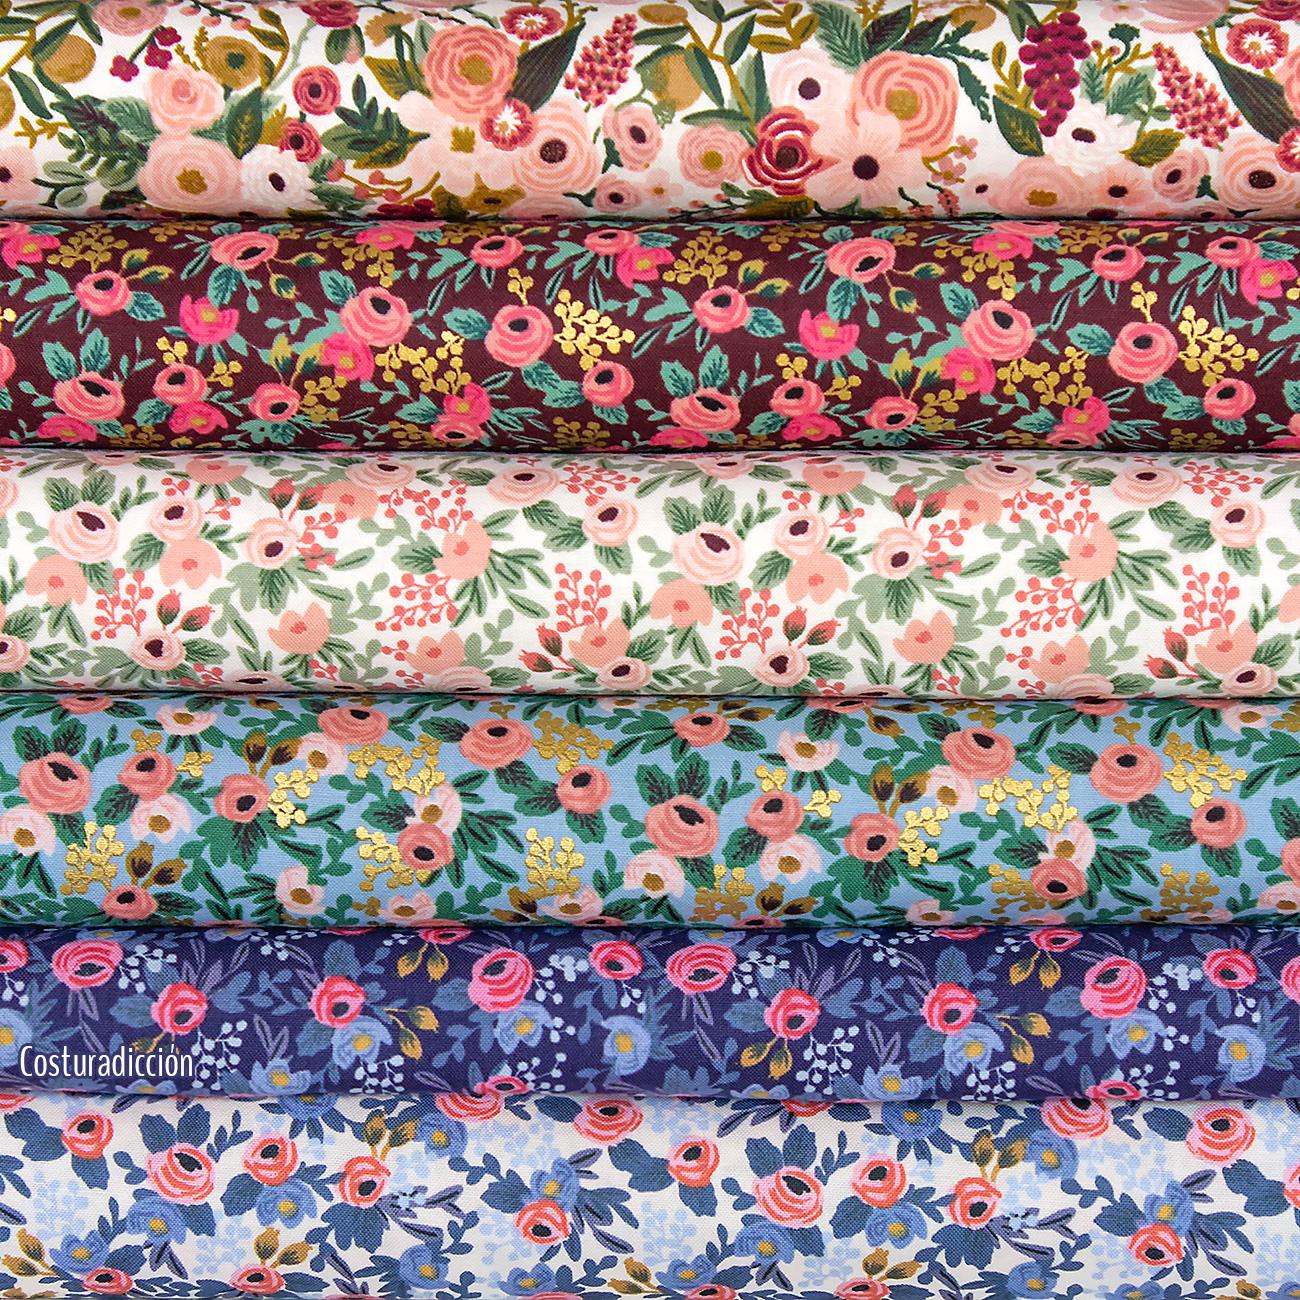 Imagen de producto: https://tienda.costuradiccion.com/img/articulos/secundarias14540-tela-rifle-paper-garden-party-rosa-algodon-50-x-55-cm-6.jpg